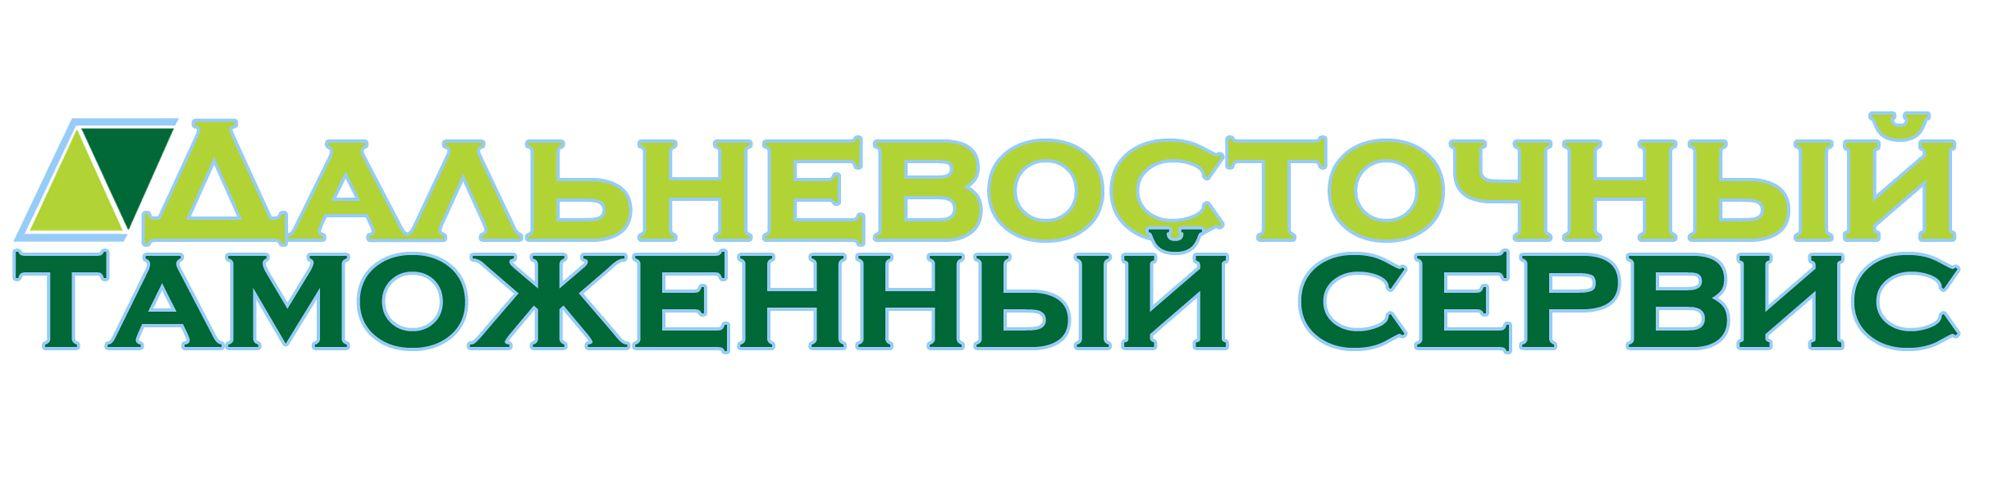 Логотип знак фирменные цвета для компании ДВТС   - дизайнер vanakim